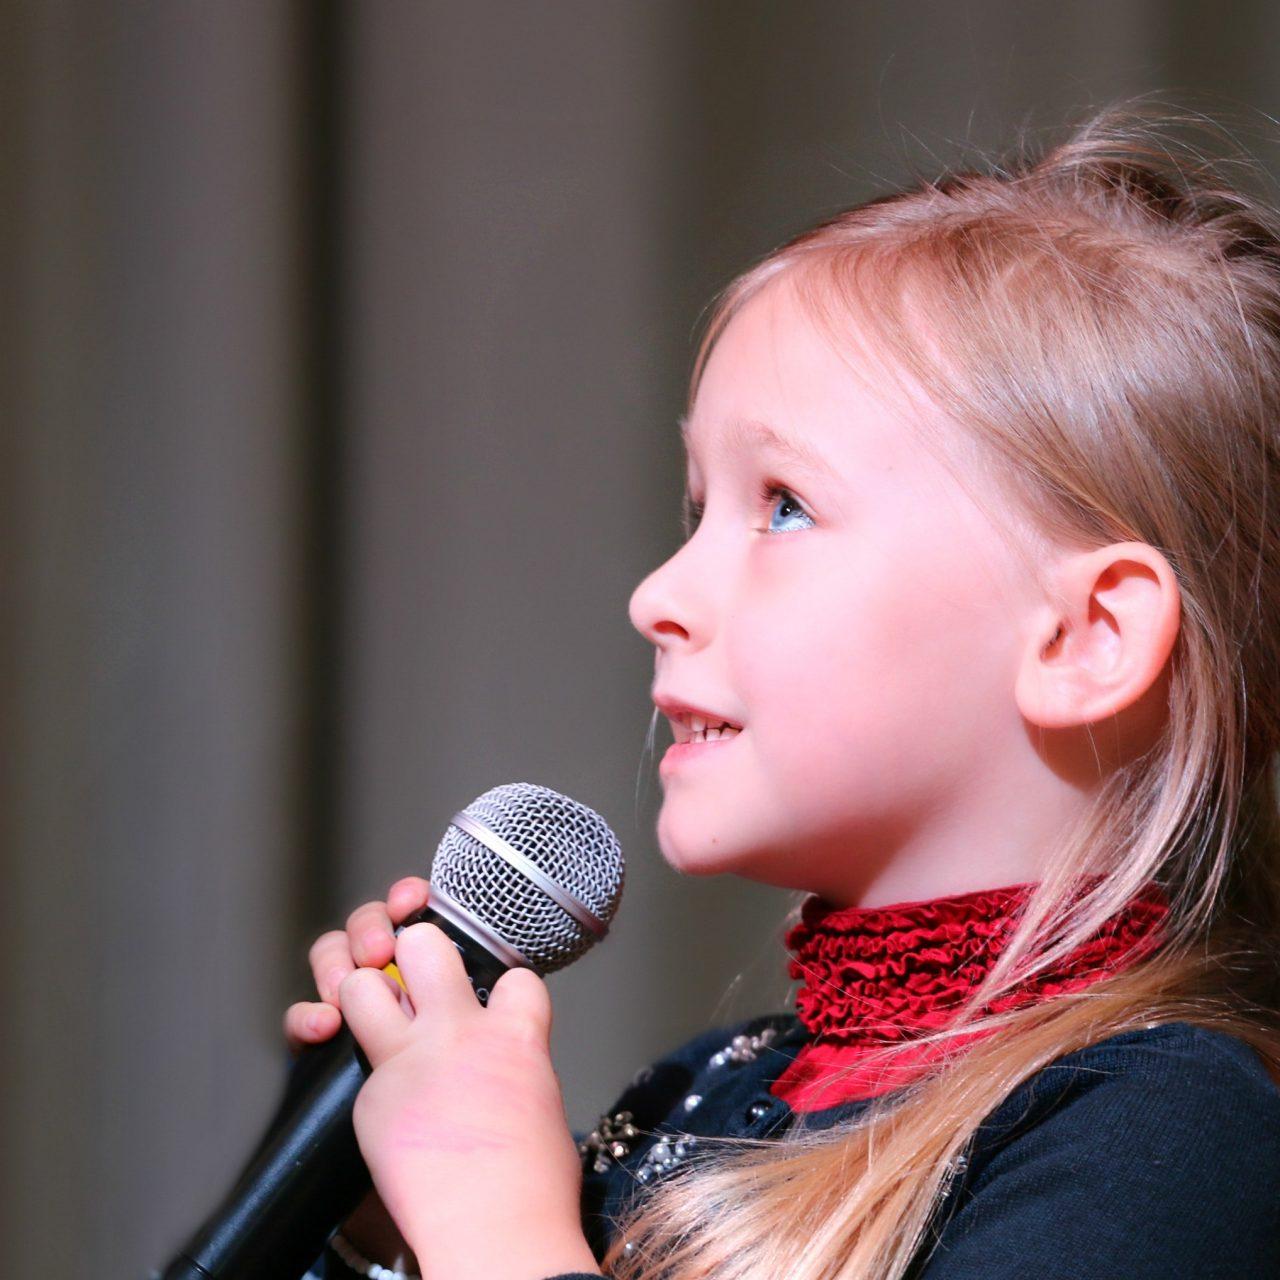 https://zangstudioleidscherijn.com/wp-content/uploads/2020/07/Kinderen-Zangles-Vleuten-1280x1280.jpg